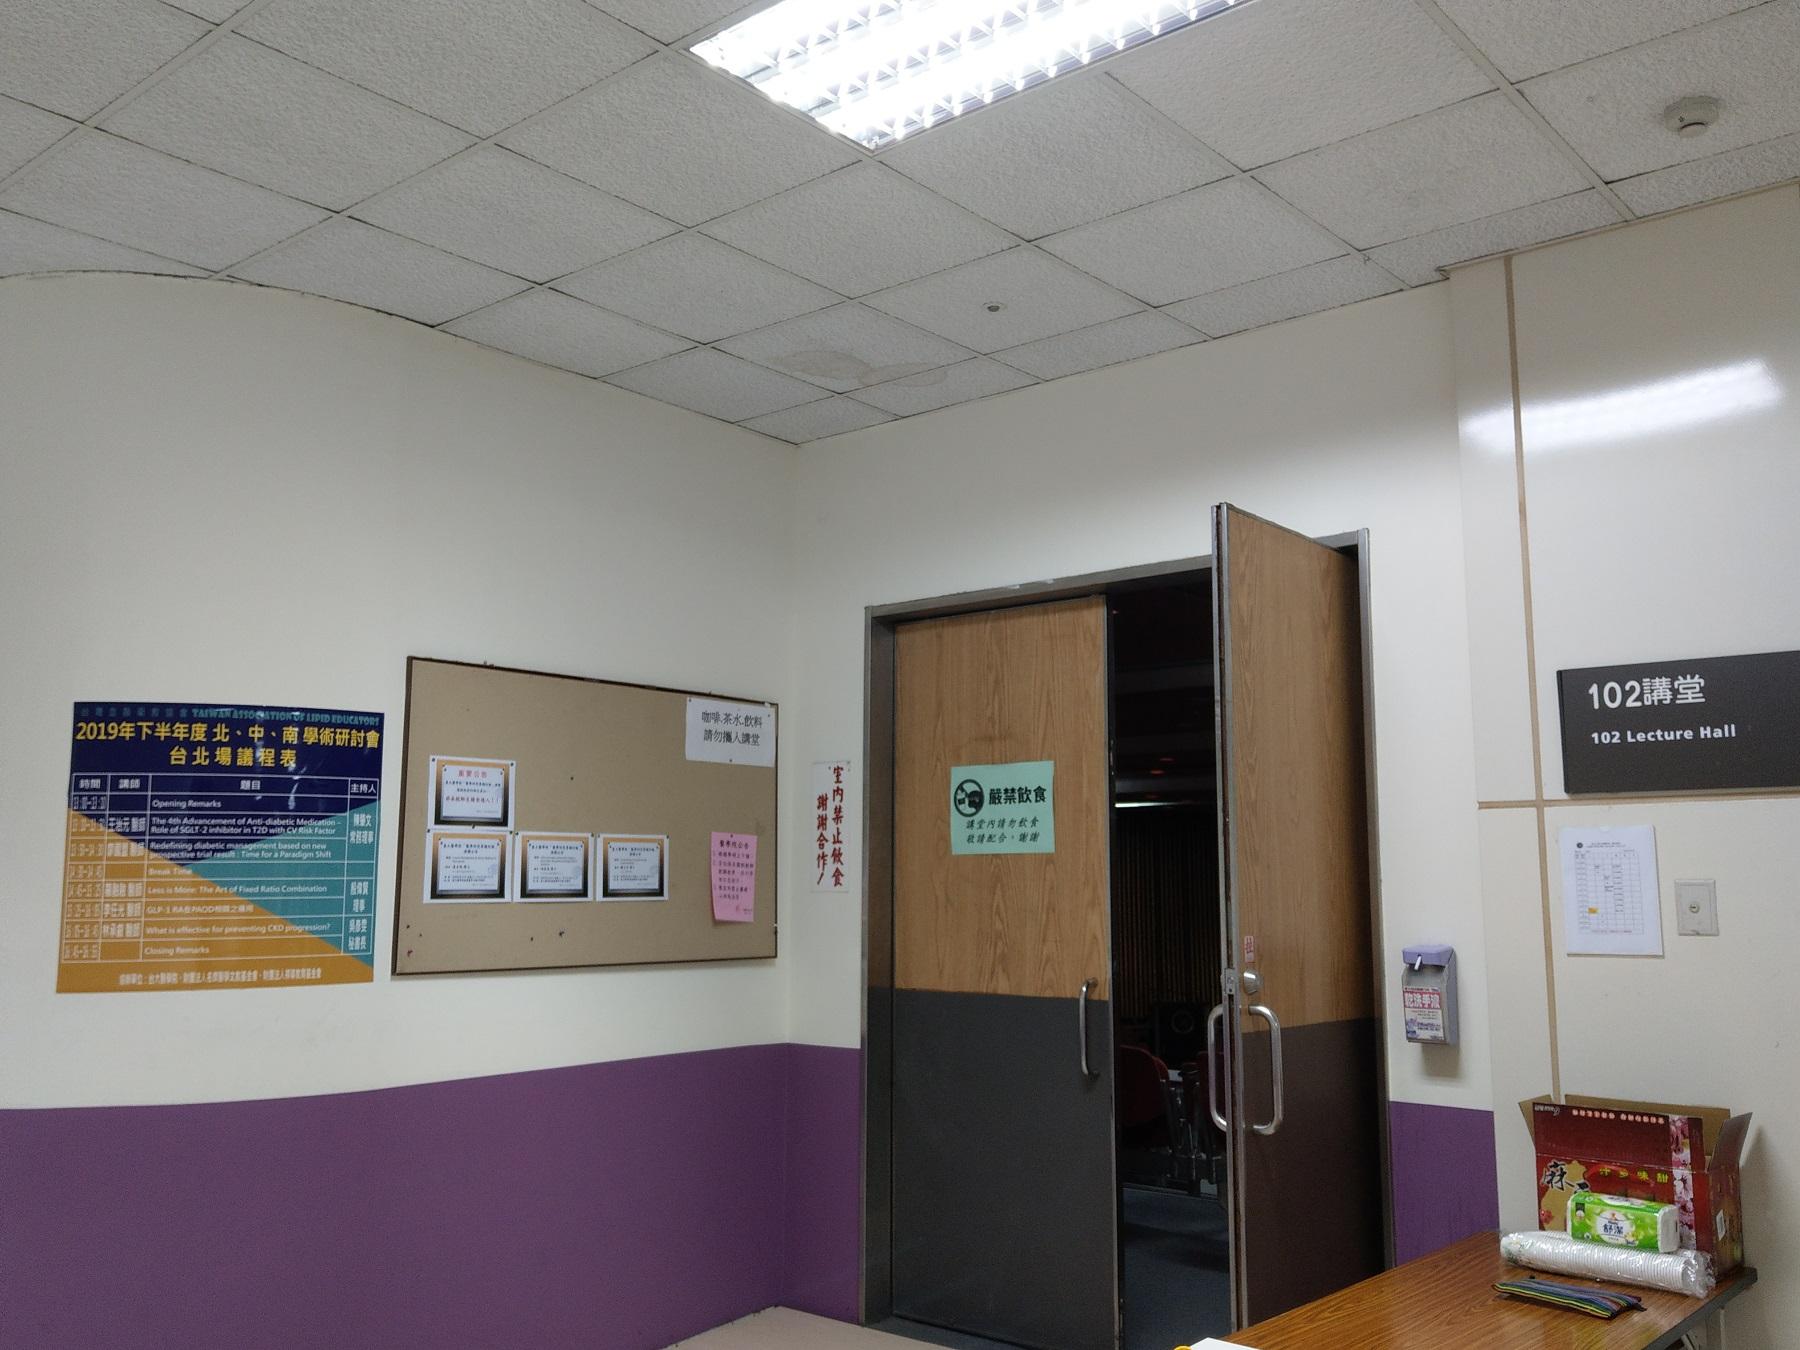 ▲台北-台大醫學院會場_102講堂(3)